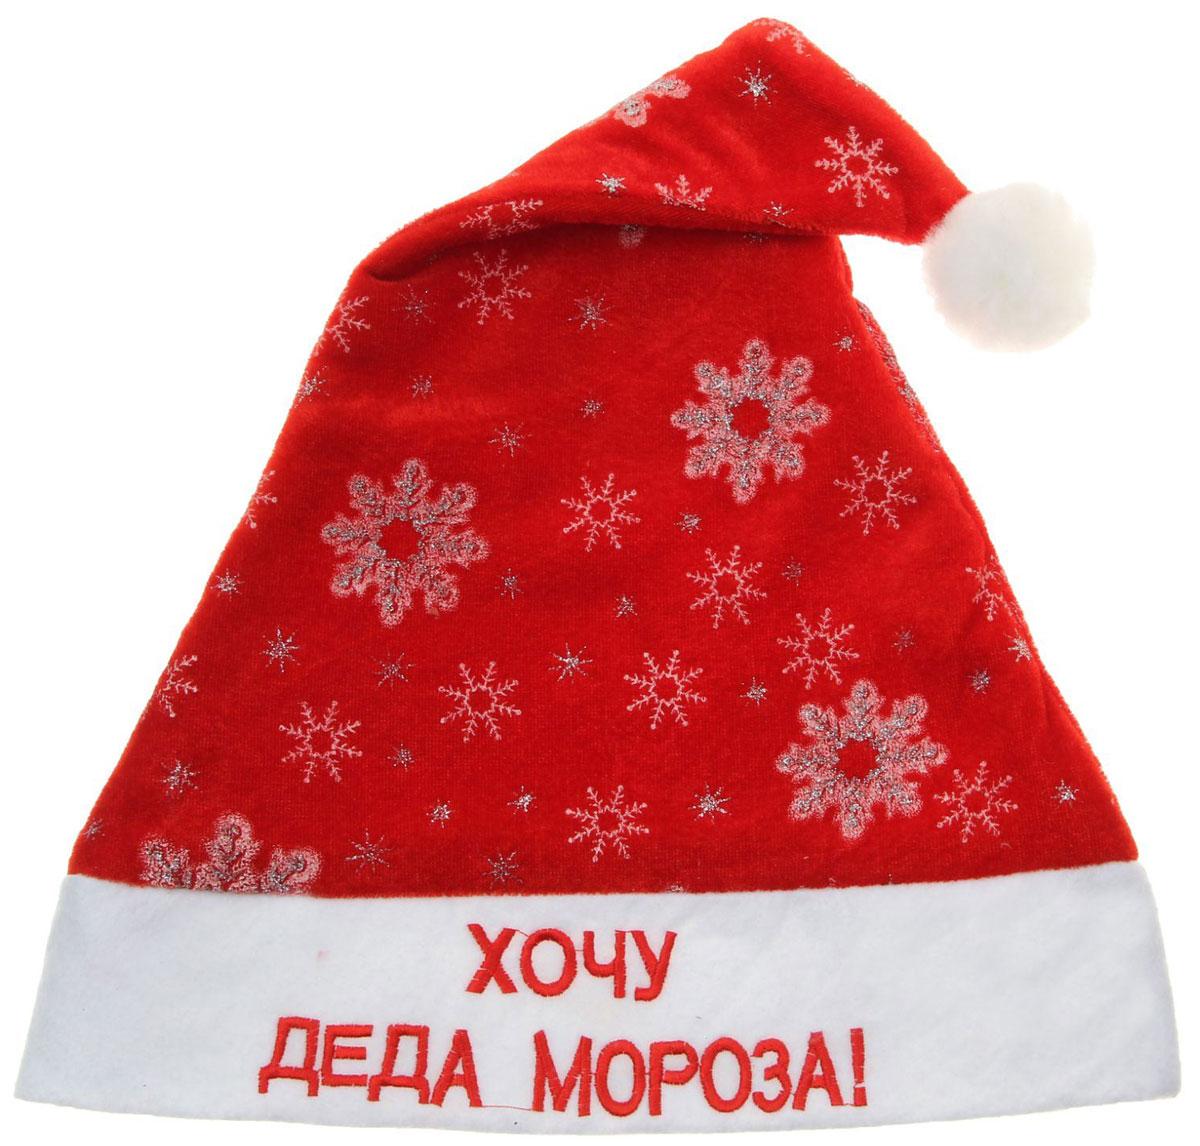 Колпак новогодний Со снежинками. Хочу Деда Мороза, 28 х 40 см. 13906471390647Поддайтесь новогоднему веселью на полную катушку! Забавный колпак в секунду создаст праздничное настроение, будь то поздравление ребятишек или вечеринка с друзьями. Размер изделия универсальный: аксессуар подойдет как для ребенка, так и для взрослого. А мягкий текстиль позволит носить колпак с комфортом на протяжении всей новогодней ночи.